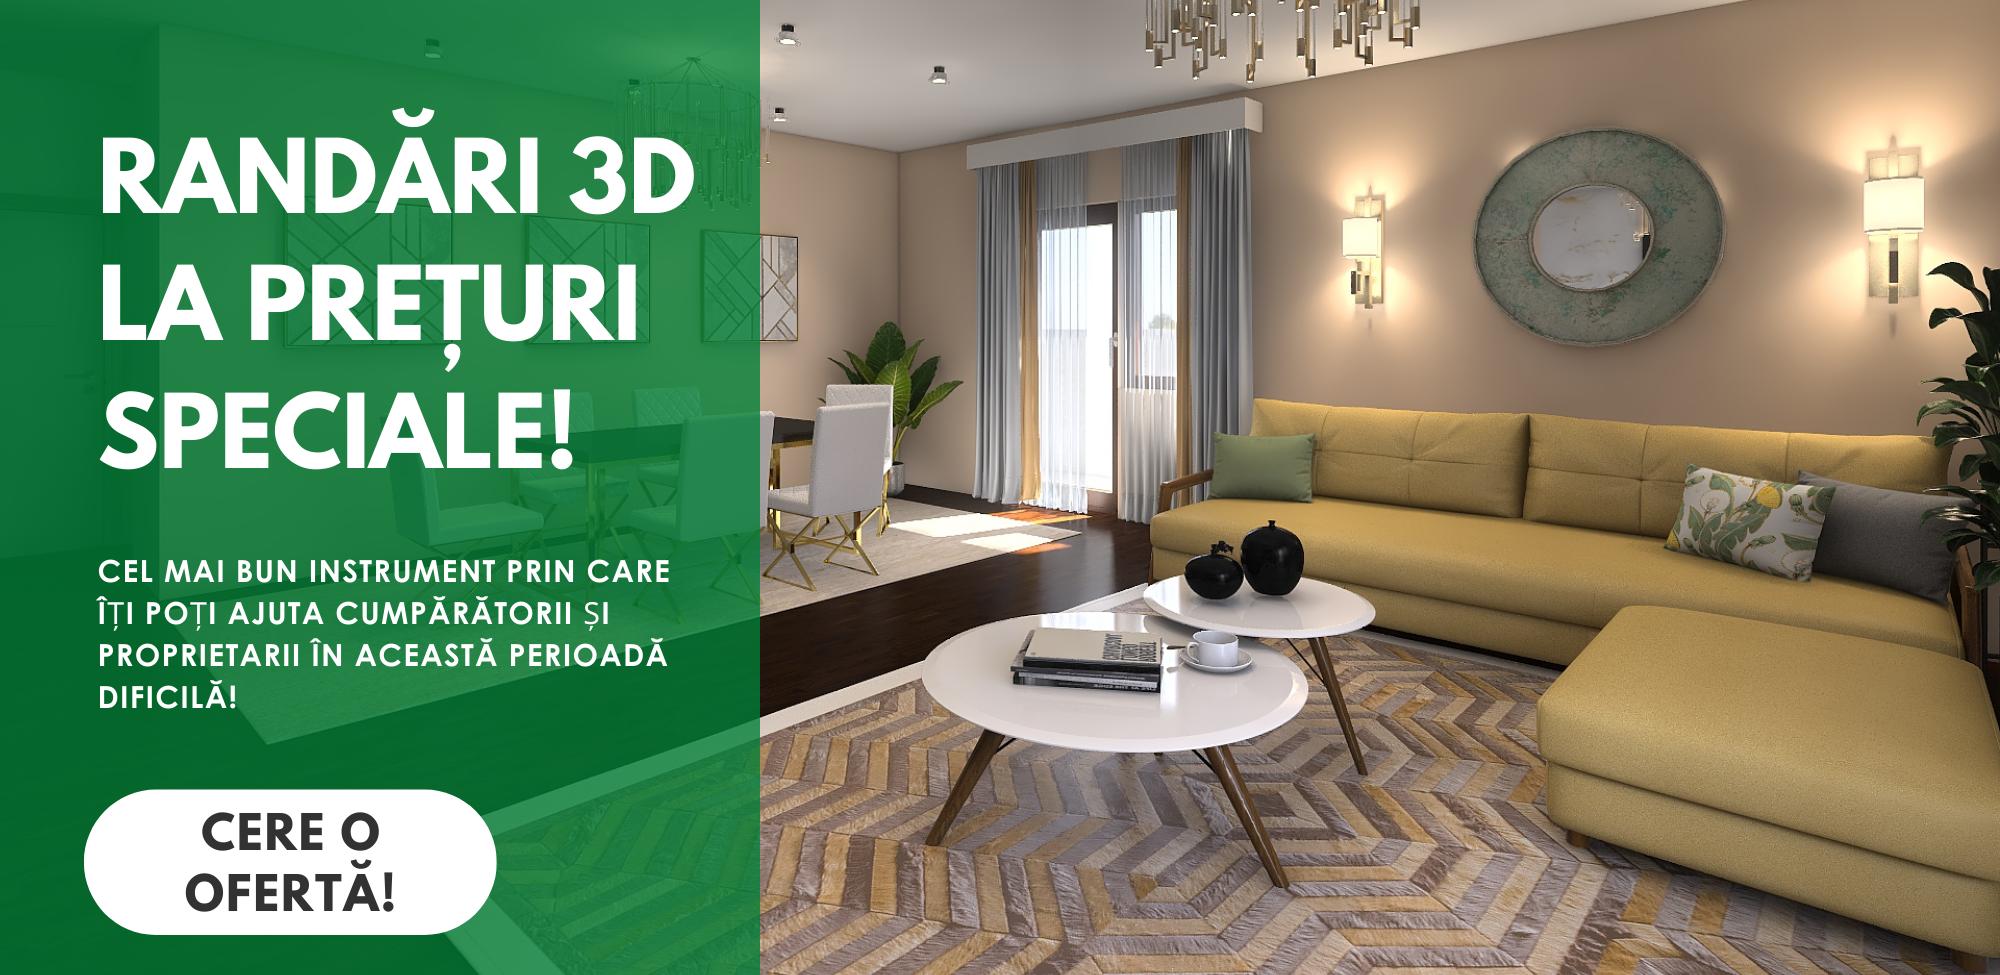 Randari 3D - Tehnologia in ajutorul tau!